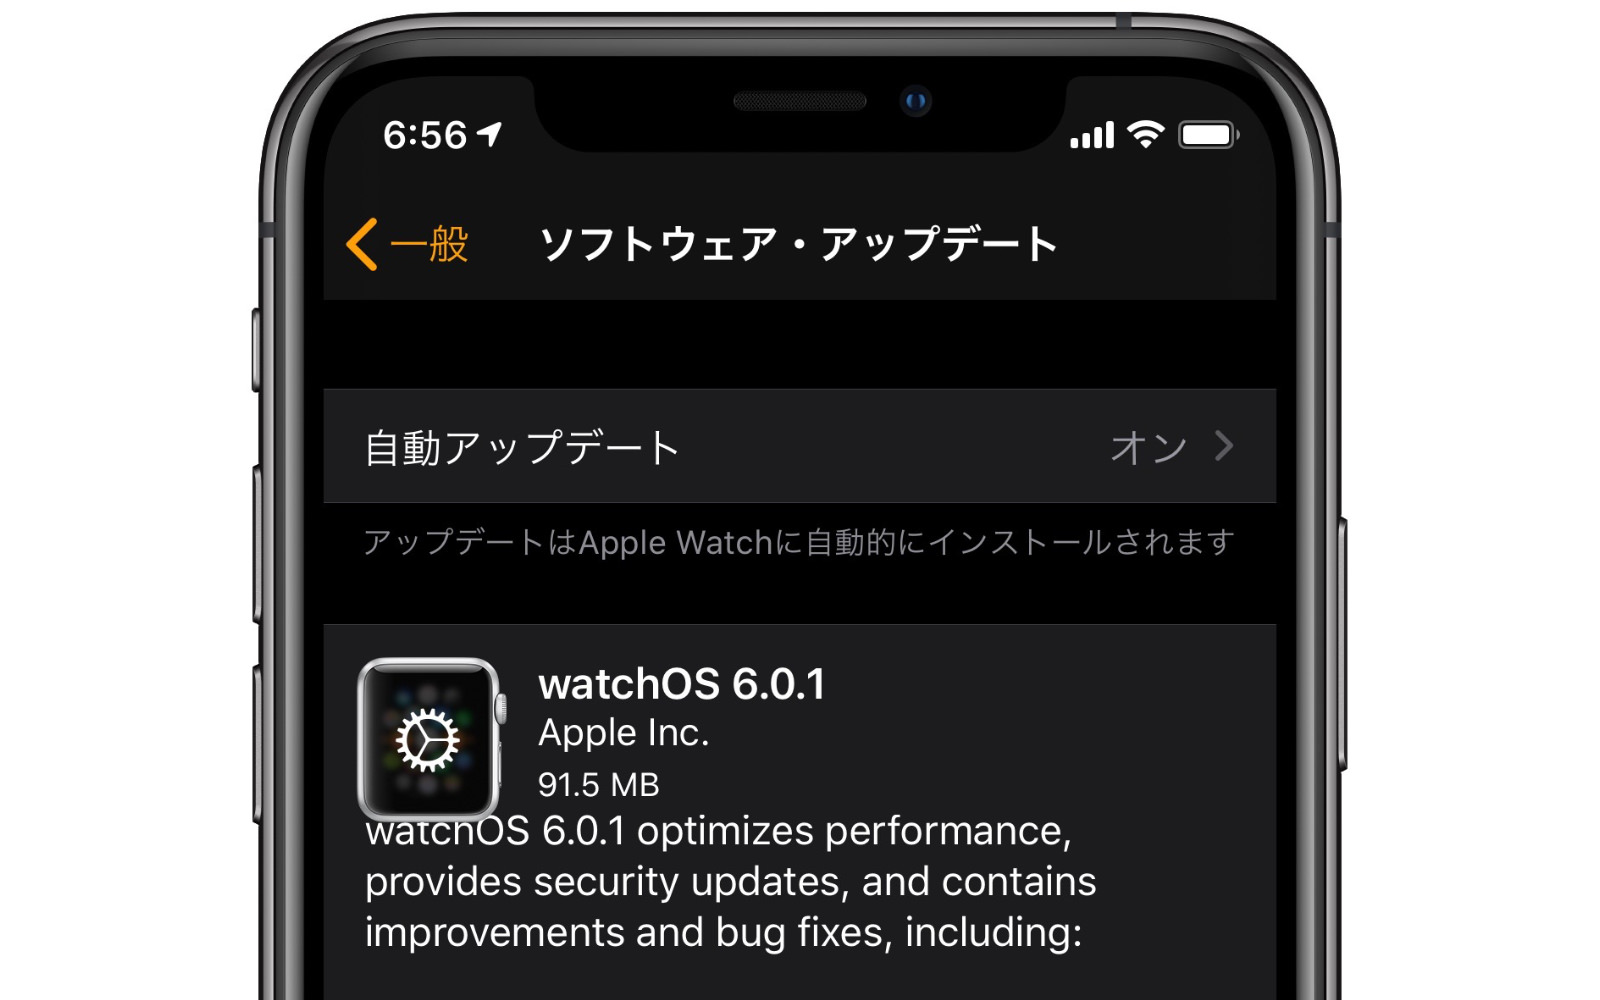 watchOS6_0_1-update.jpg